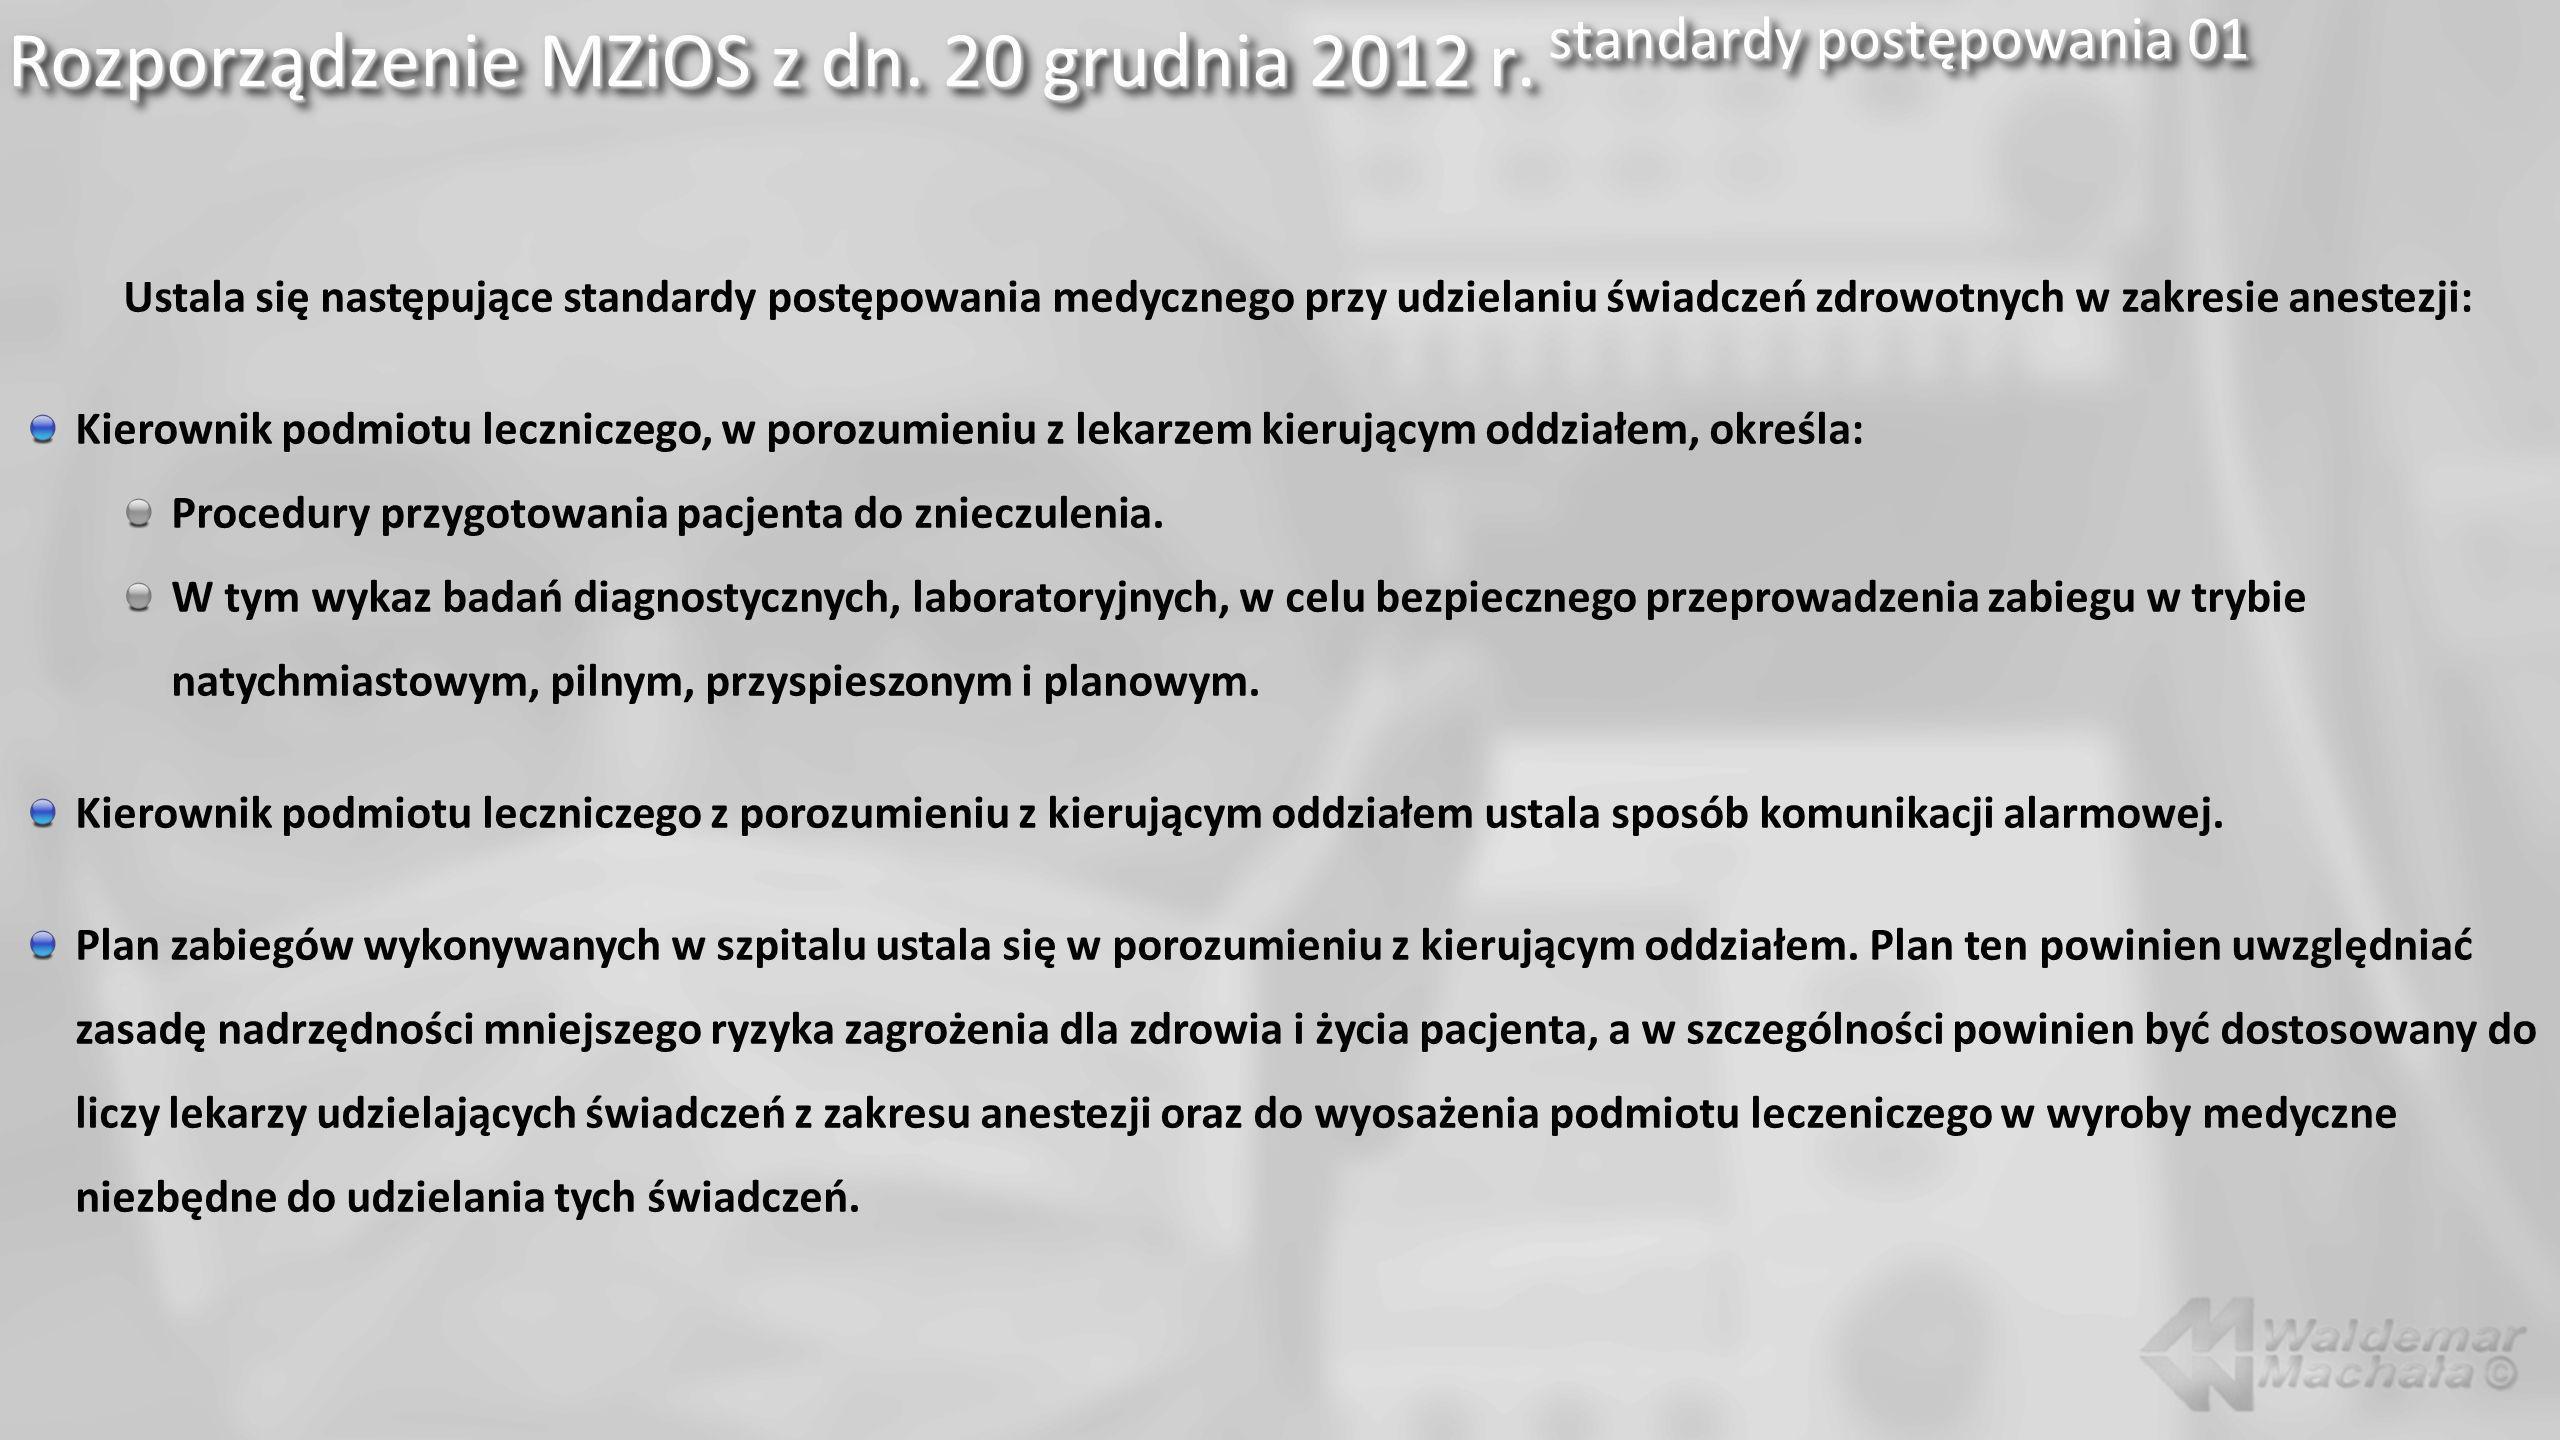 Rozporządzenie MZiOS z dn. 20 grudnia 2012 r. standardy postępowania 01 Ustala się następujące standardy postępowania medycznego przy udzielaniu świad